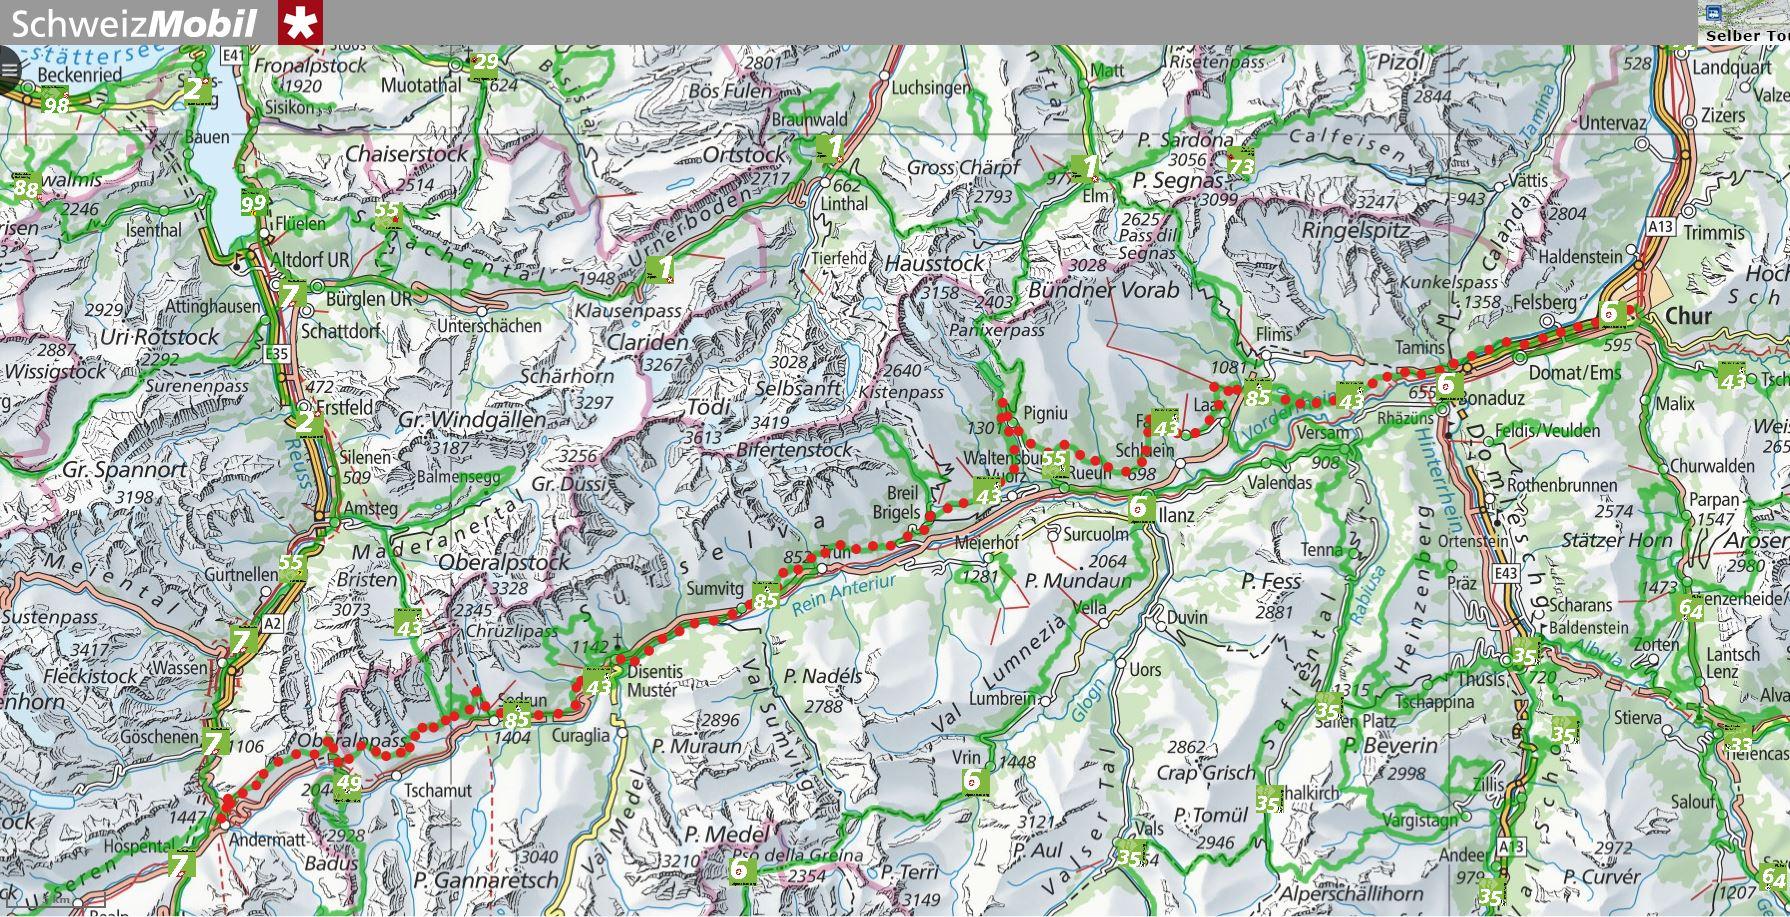 Schweiz Mobile